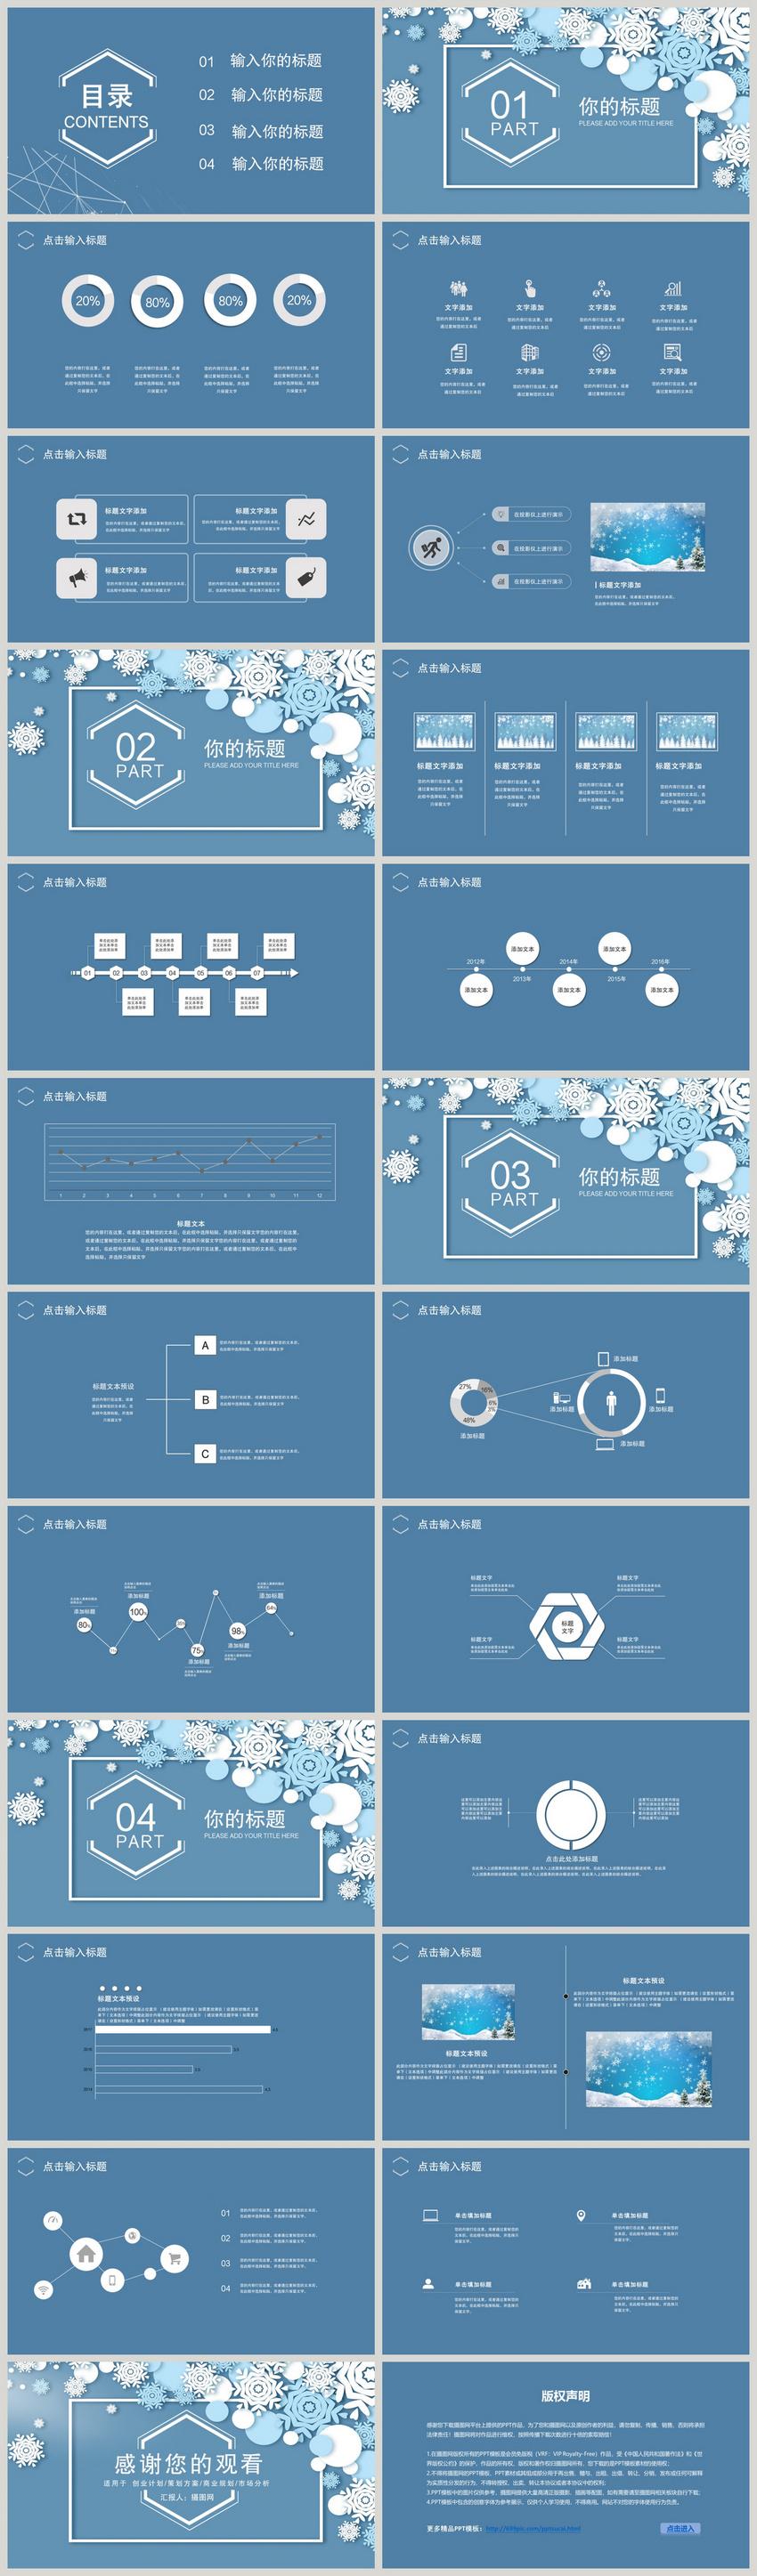 蓝色简约活动宣传策划PPT模板图片